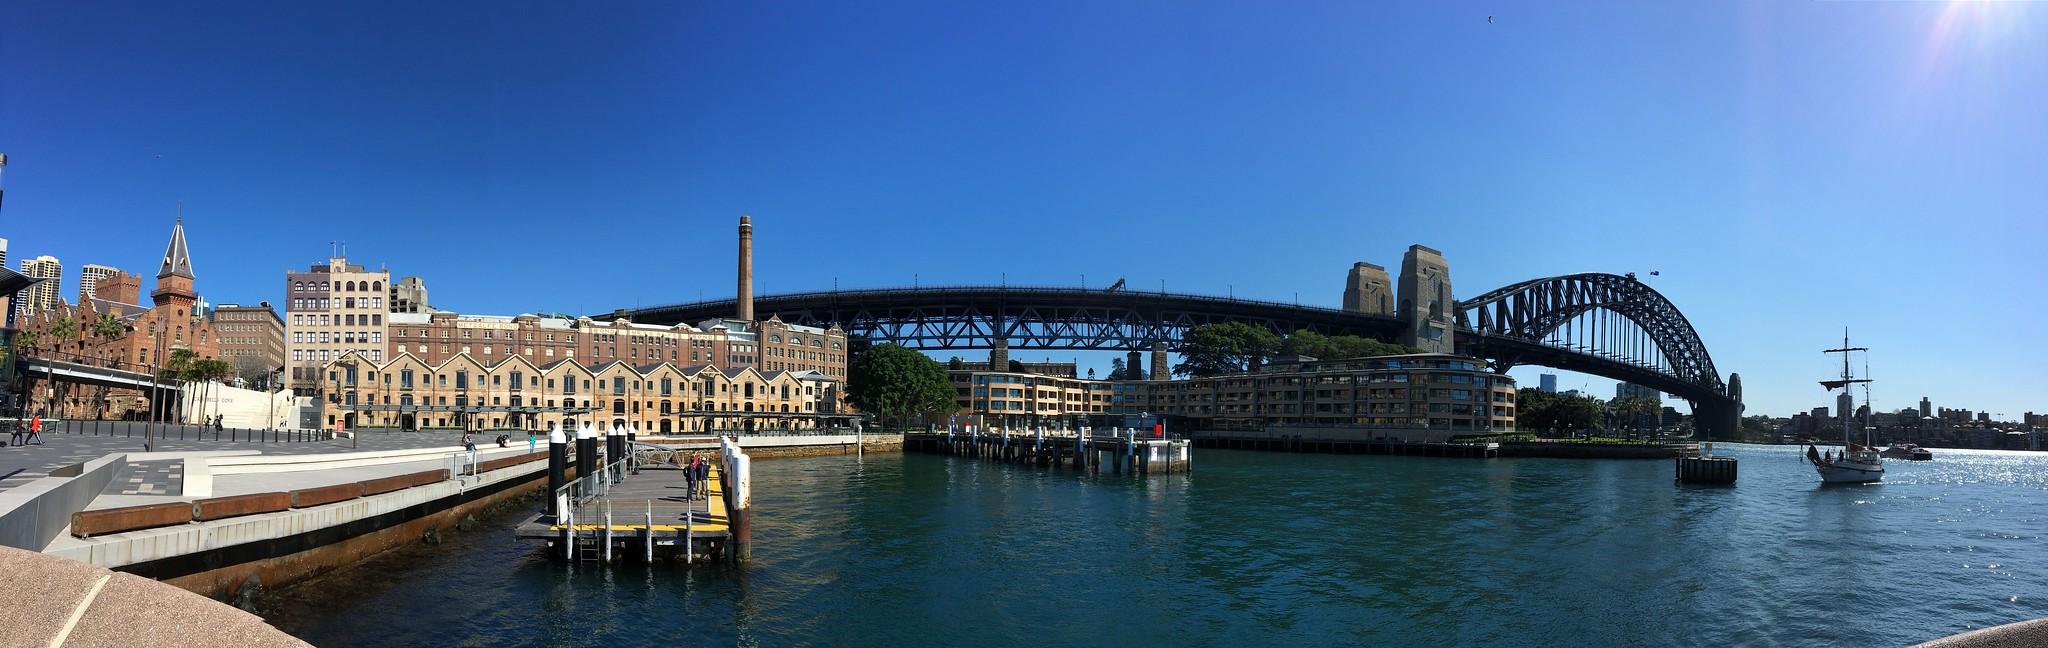 du lịch bụi Sydney